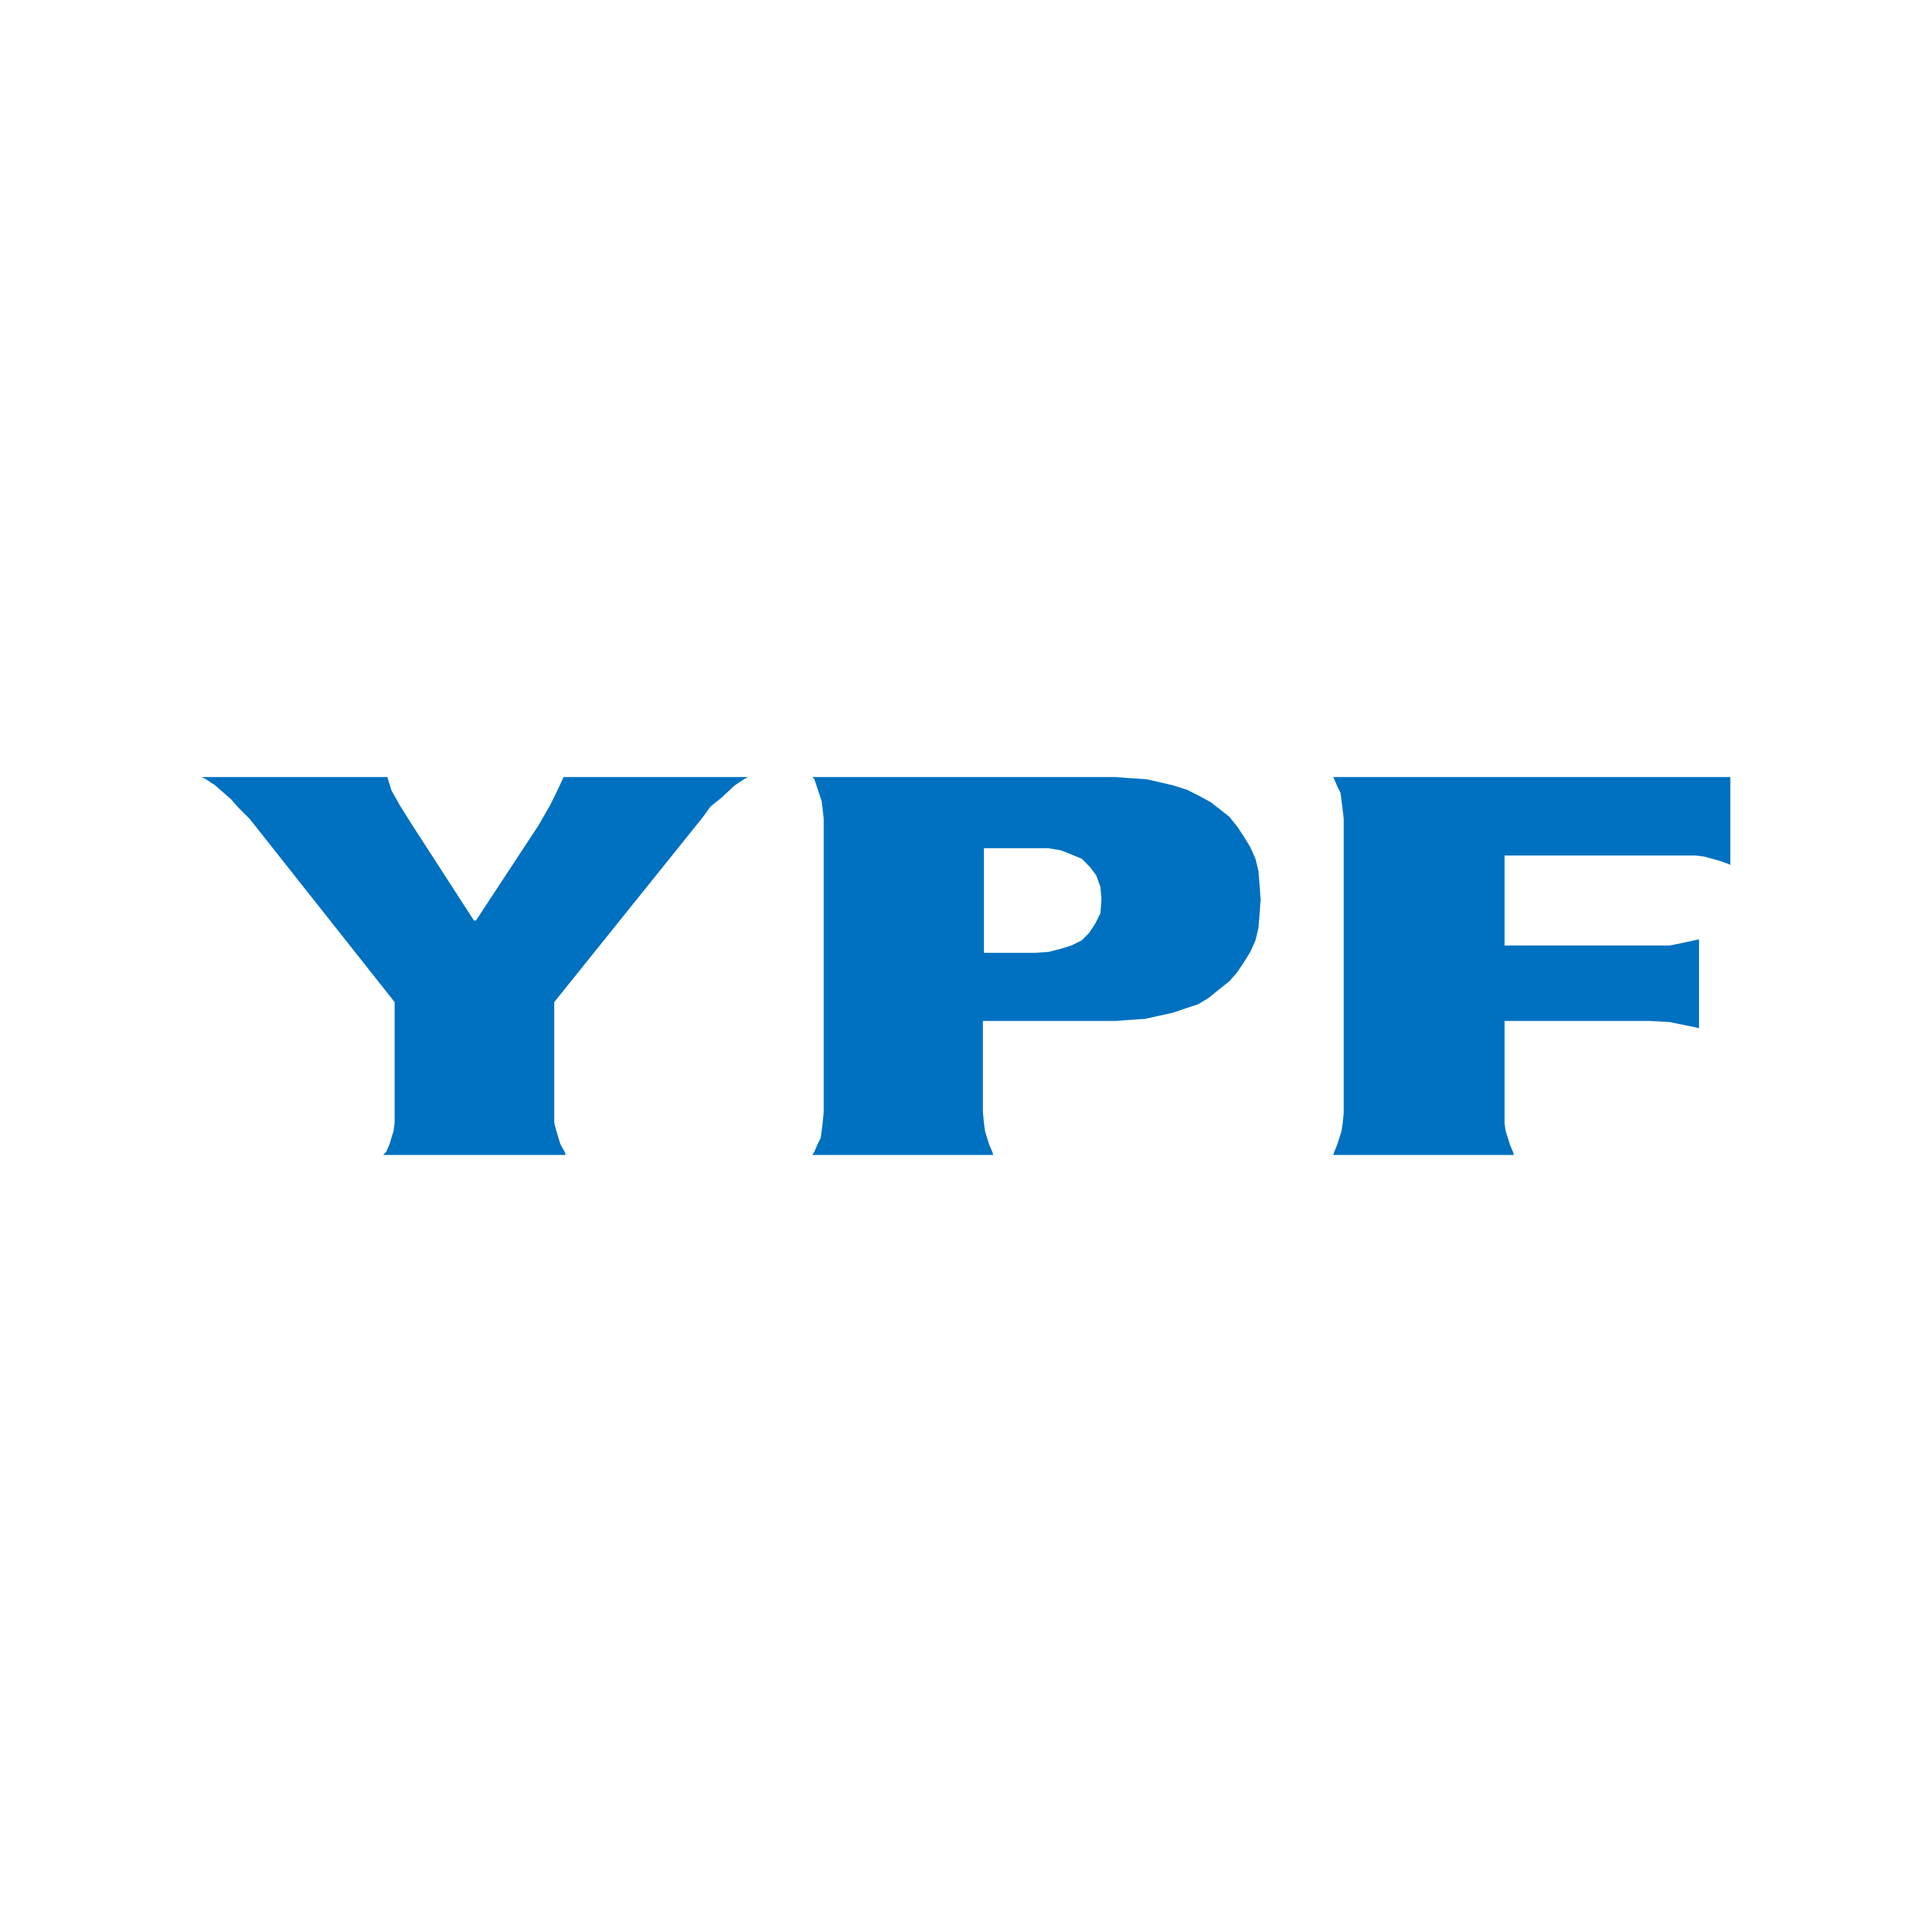 ypf logo 0 - YPF Logo